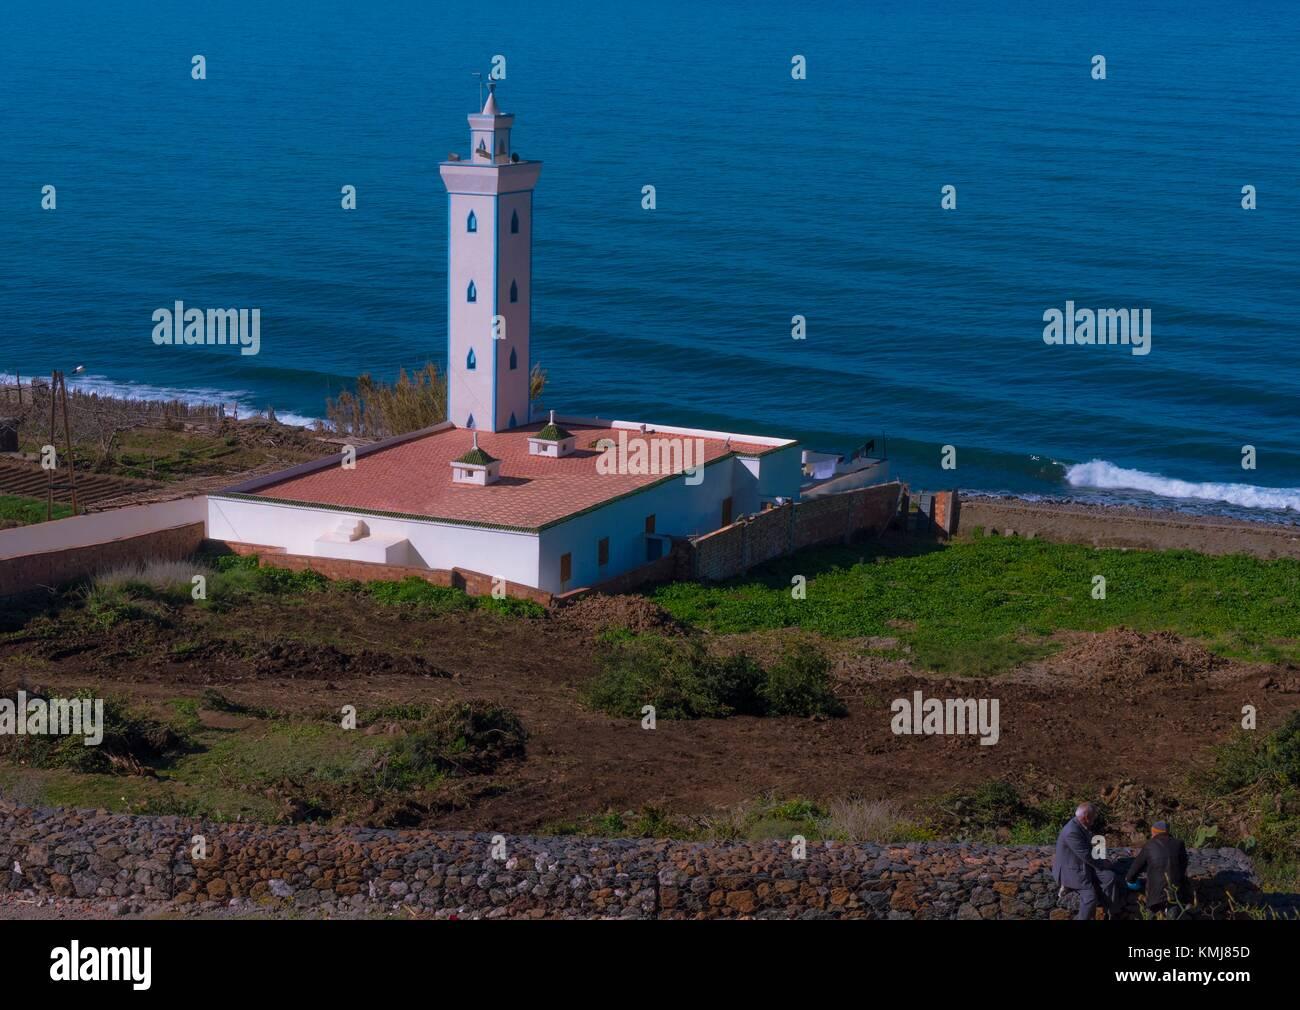 Marruecos, costa mediterránea, entre Alhucemas y Nador. Imagen De Stock